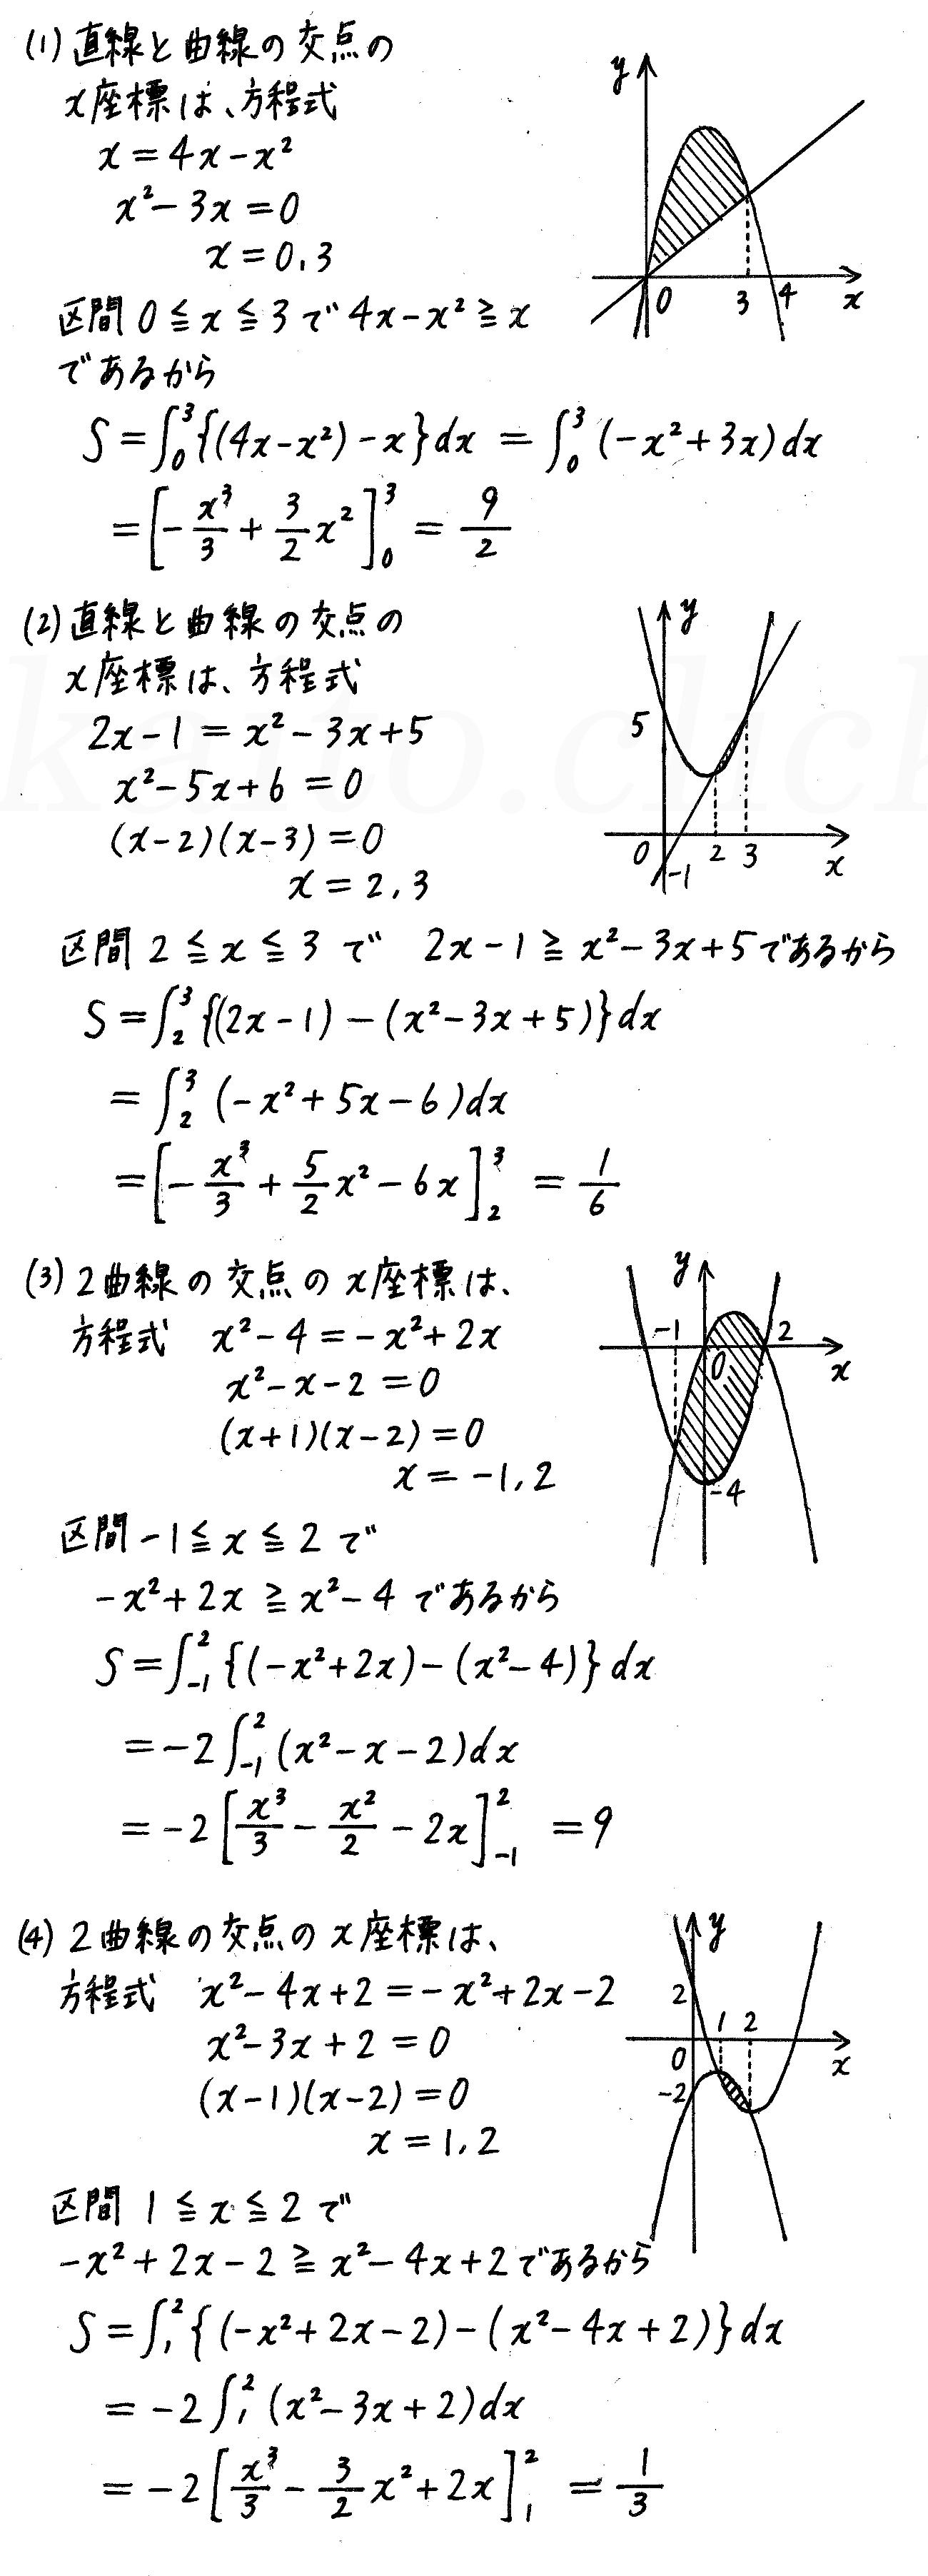 4STEP数学2-492解答